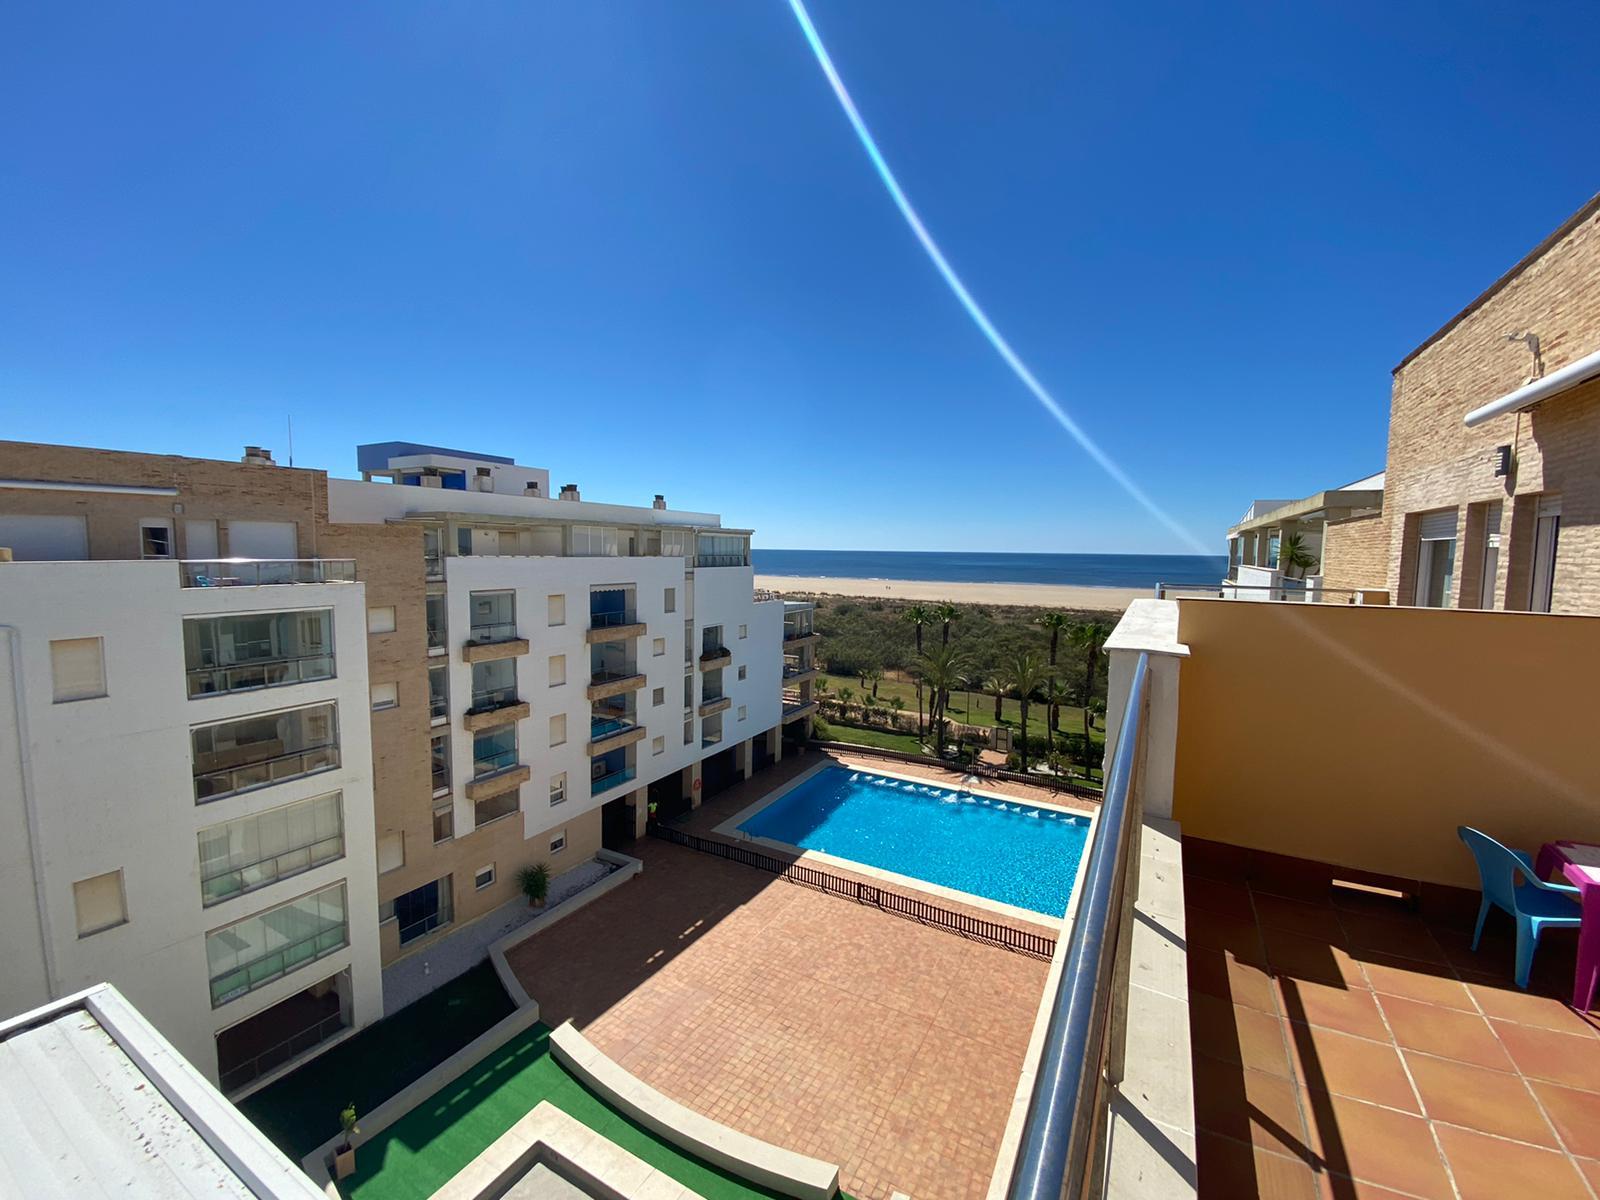 Imagen 6 del Apartamento Turístico, Ático 7 Poniente (3d+2b), Punta del Moral (HUELVA), Paseo de la Cruz nº22